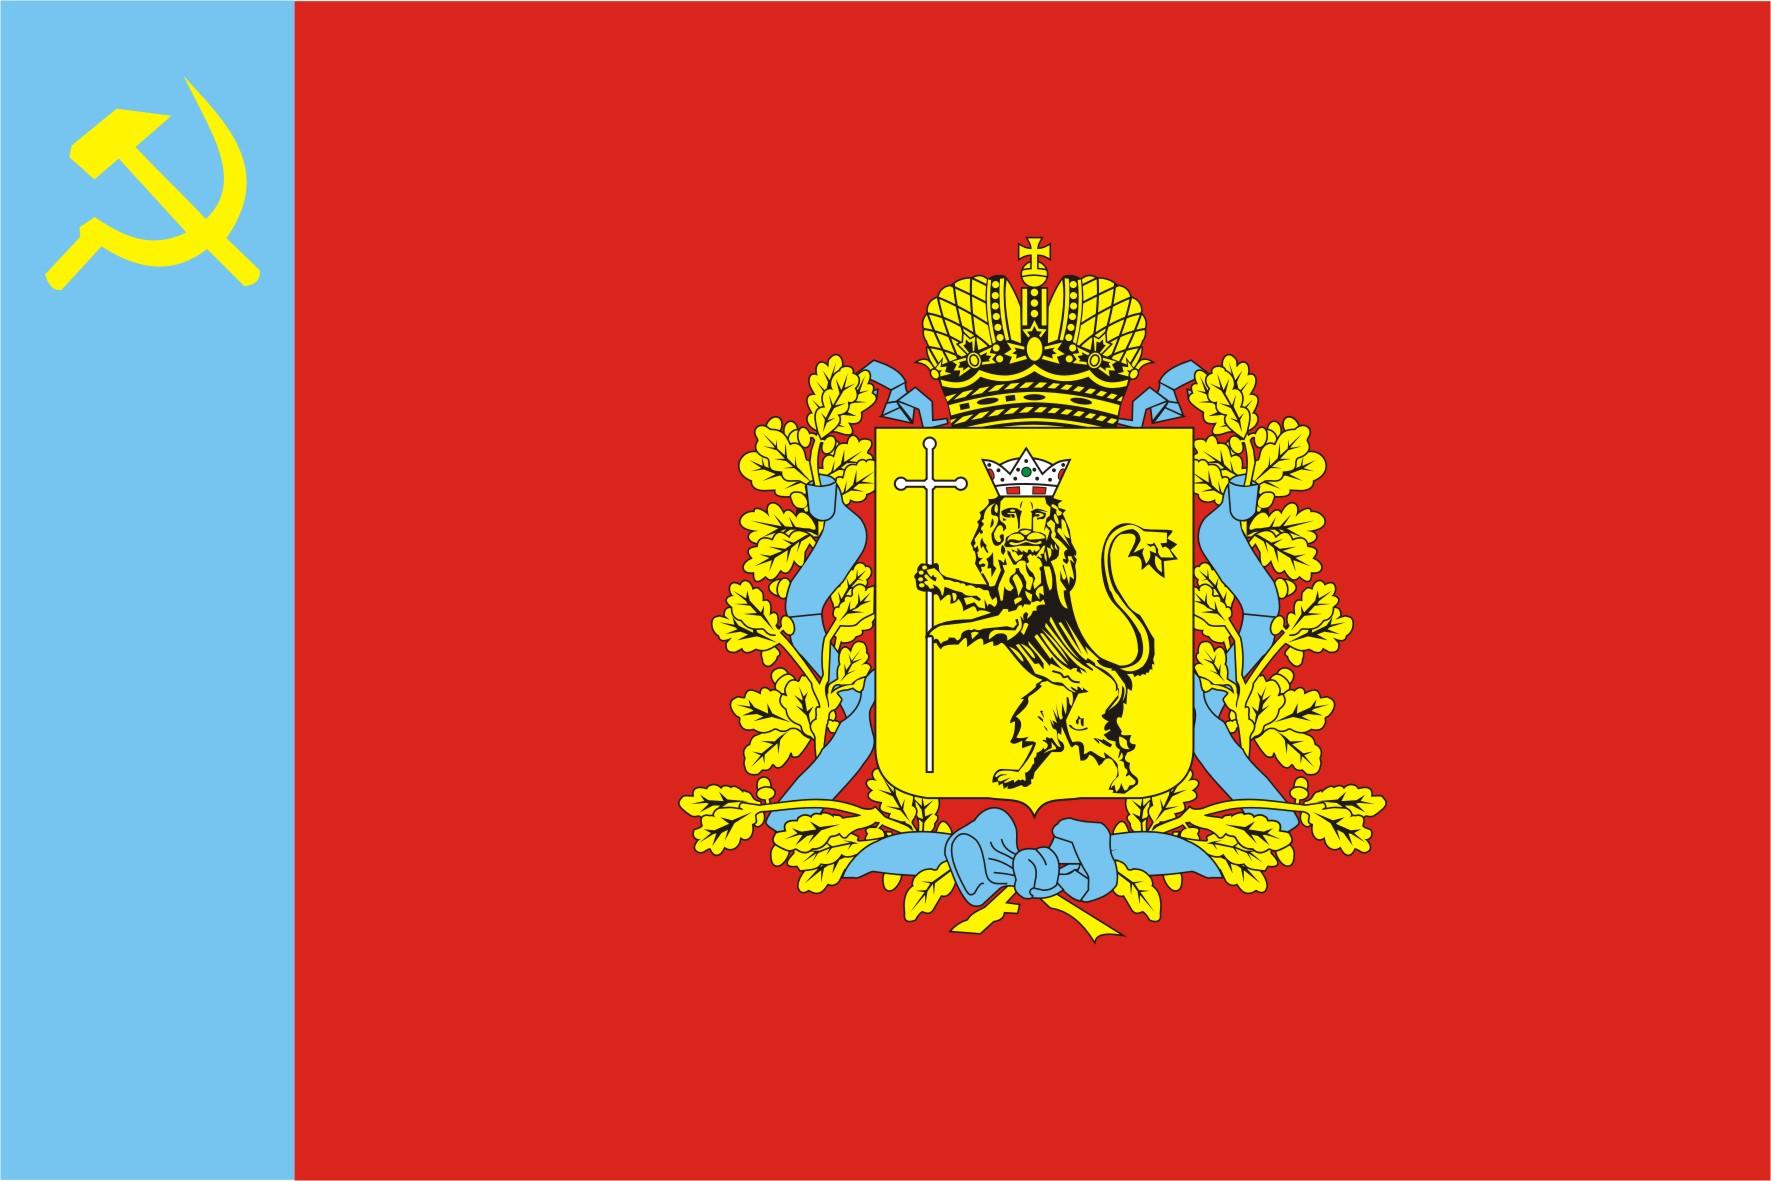 Юрьевы герб россии - 6